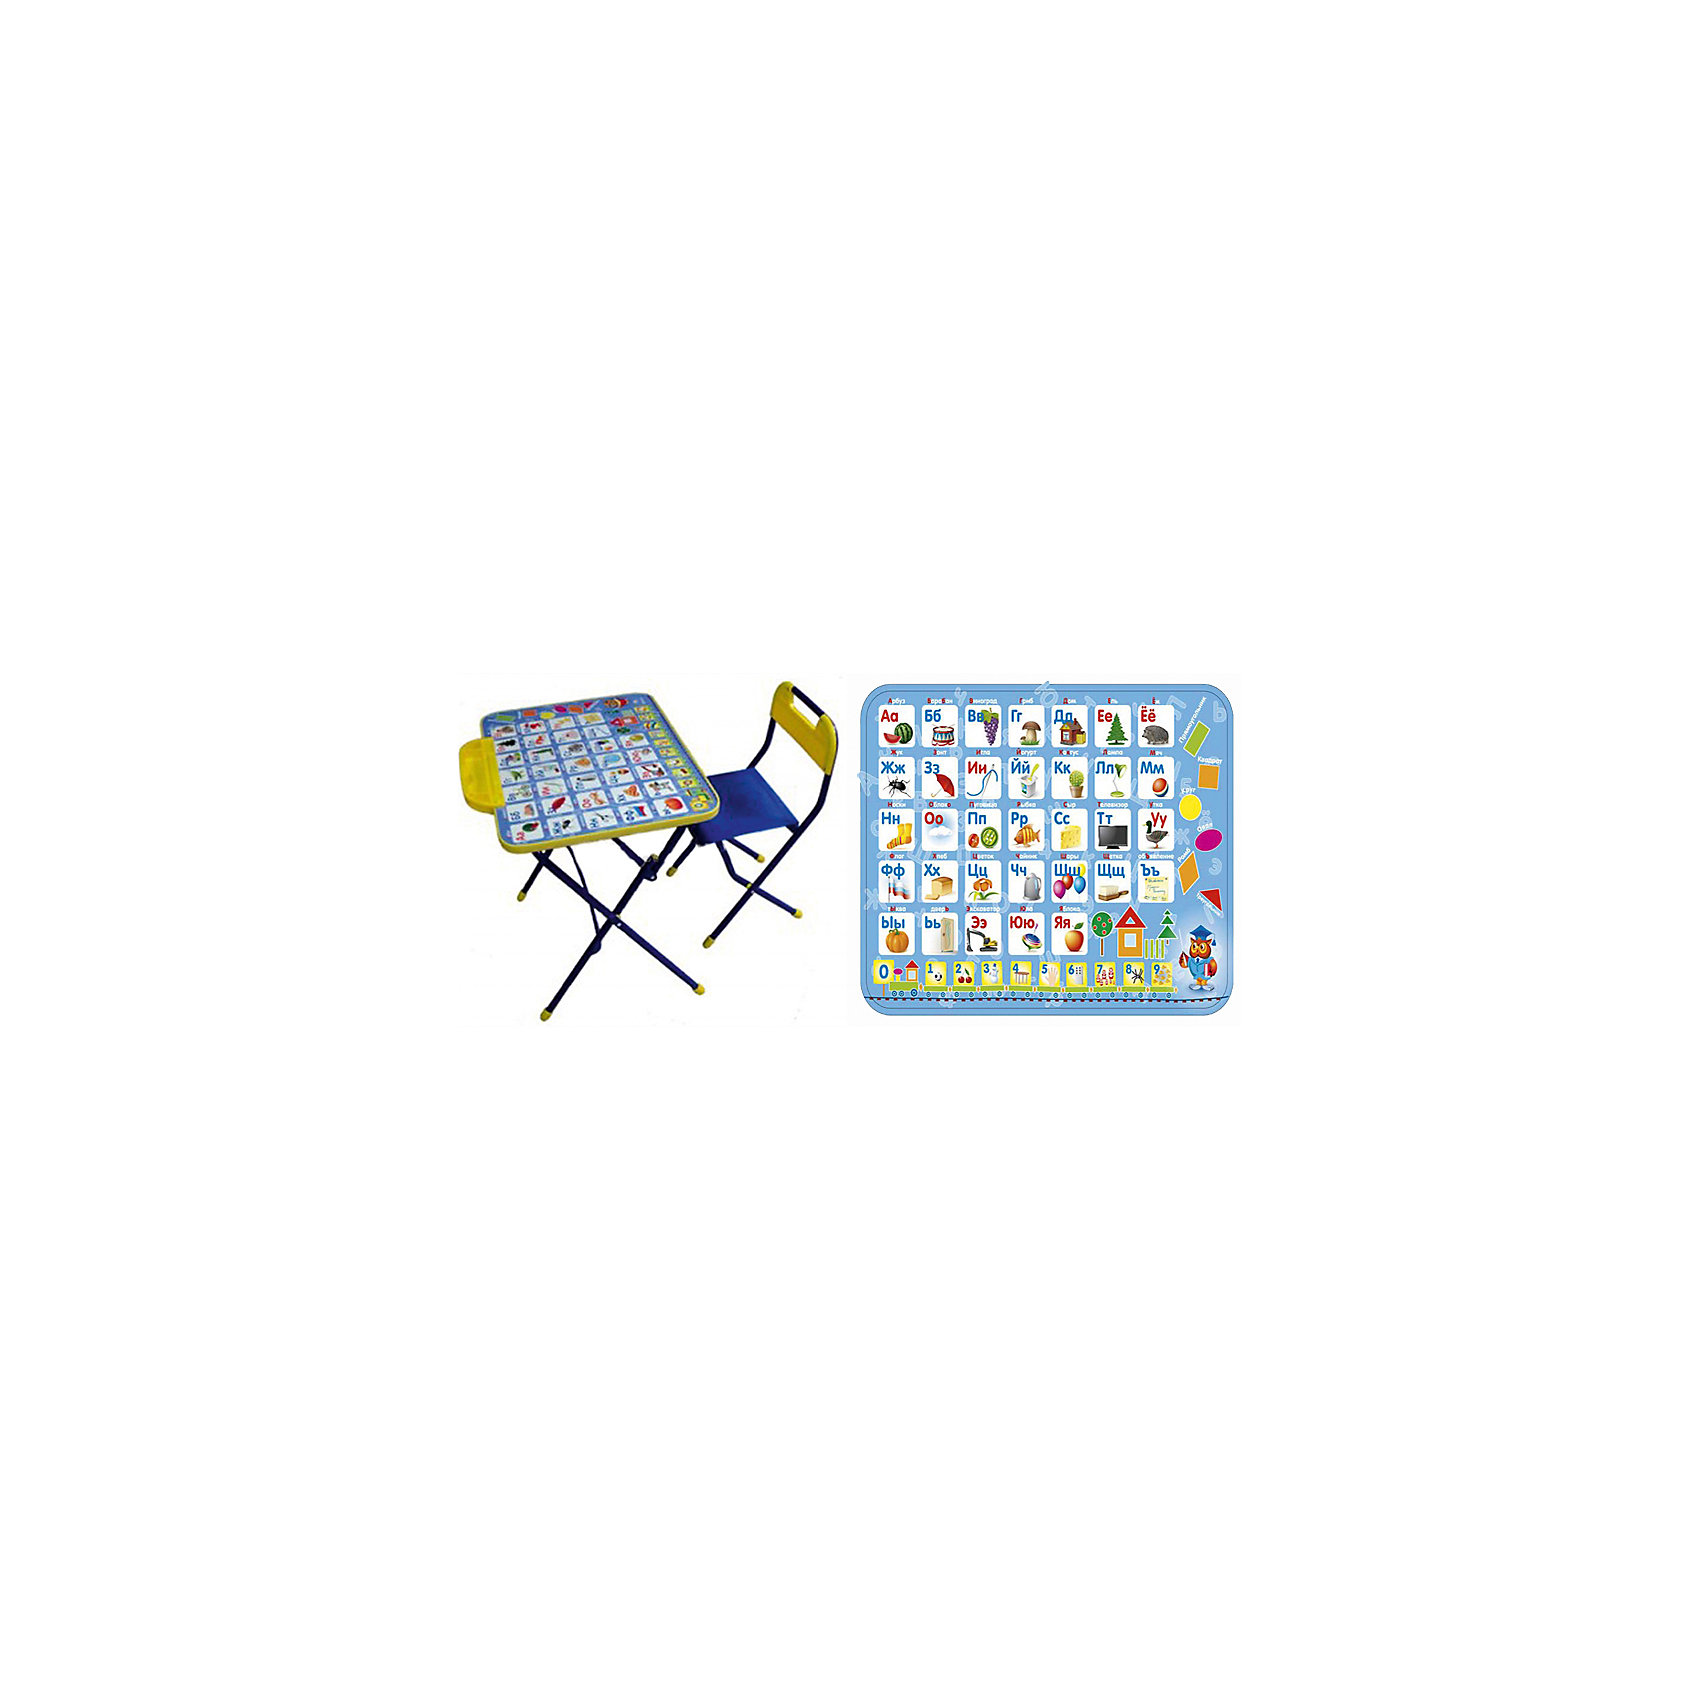 Набор мебели Азбука, КПУ1/9, НикаМебель<br>Набор детской мебели Азбука состоит из двух предметов: стол-парта и стульчик.  На крышке столика изображены рисунки способствующие развитию ребенка.<br><br>Дополнительная информация:<br><br>В комплект входит стол-парта и стул с пластиковым сиденьем.<br>- Металлический каркас.<br>- Столешница облицована пленкой с тематическими рисунками.<br>- На ножках стула установлены пластмассовые наконечники.<br>- Размер столика: 60х45х57 см.<br>- Размер стула: высота до сиденья 34 см, высота со спинкой 59 см.<br>Сиденье: 30х30 см.<br>- Возраст: от 3-х лет<br><br>Набор мебели Азбука можно купить в нашем магазине.<br><br>Ширина мм: 580<br>Глубина мм: 120<br>Высота мм: 450<br>Вес г: 7050<br>Возраст от месяцев: 36<br>Возраст до месяцев: 108<br>Пол: Унисекс<br>Возраст: Детский<br>SKU: 4718356